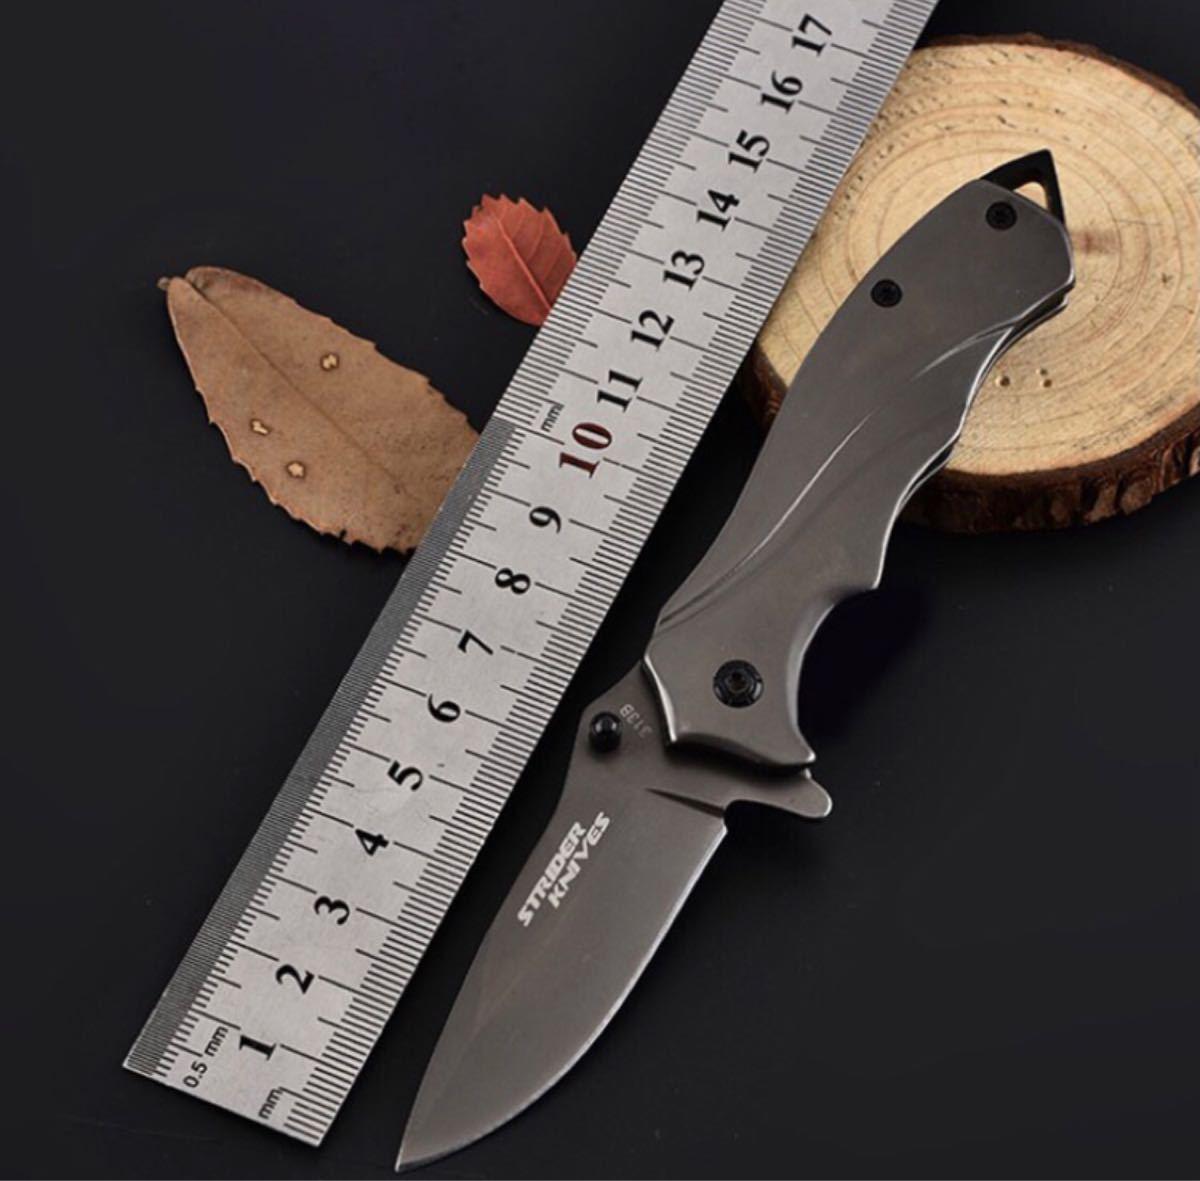 アウトドア ナイ 折畳式ポケット 多機能ナイフ シートベルトカッター 便利携帯ナイフ 木を切り 登山 キャンプ 釣り 防災用グレー